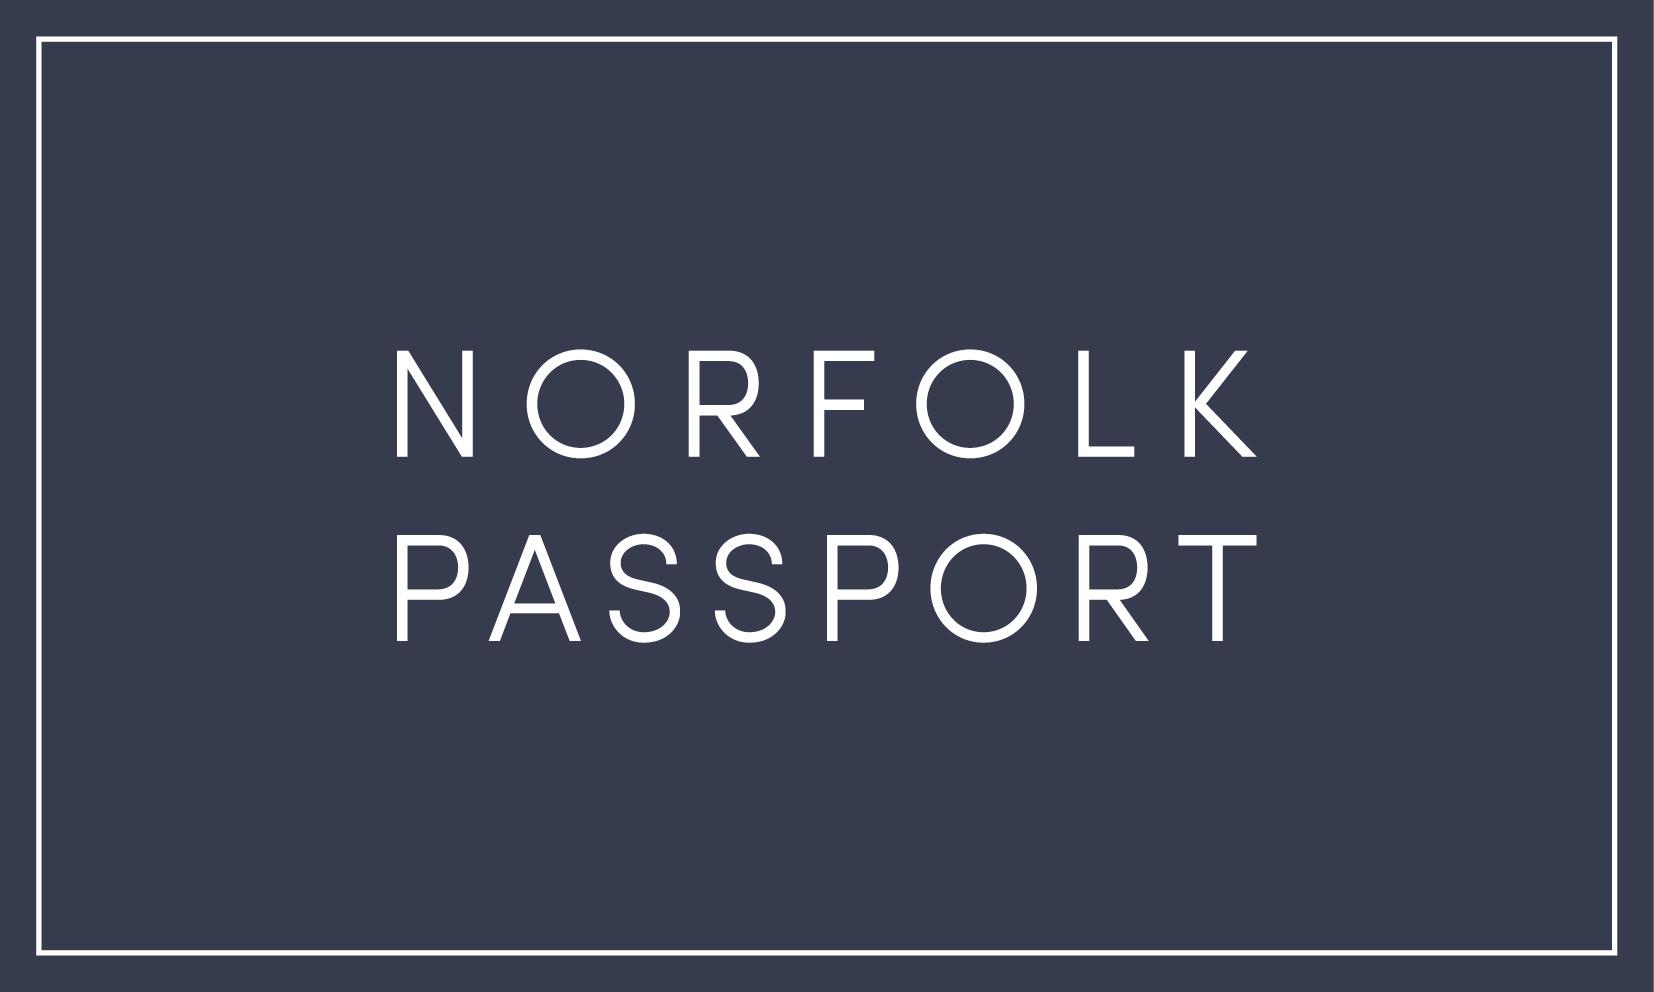 Norfolk Passport